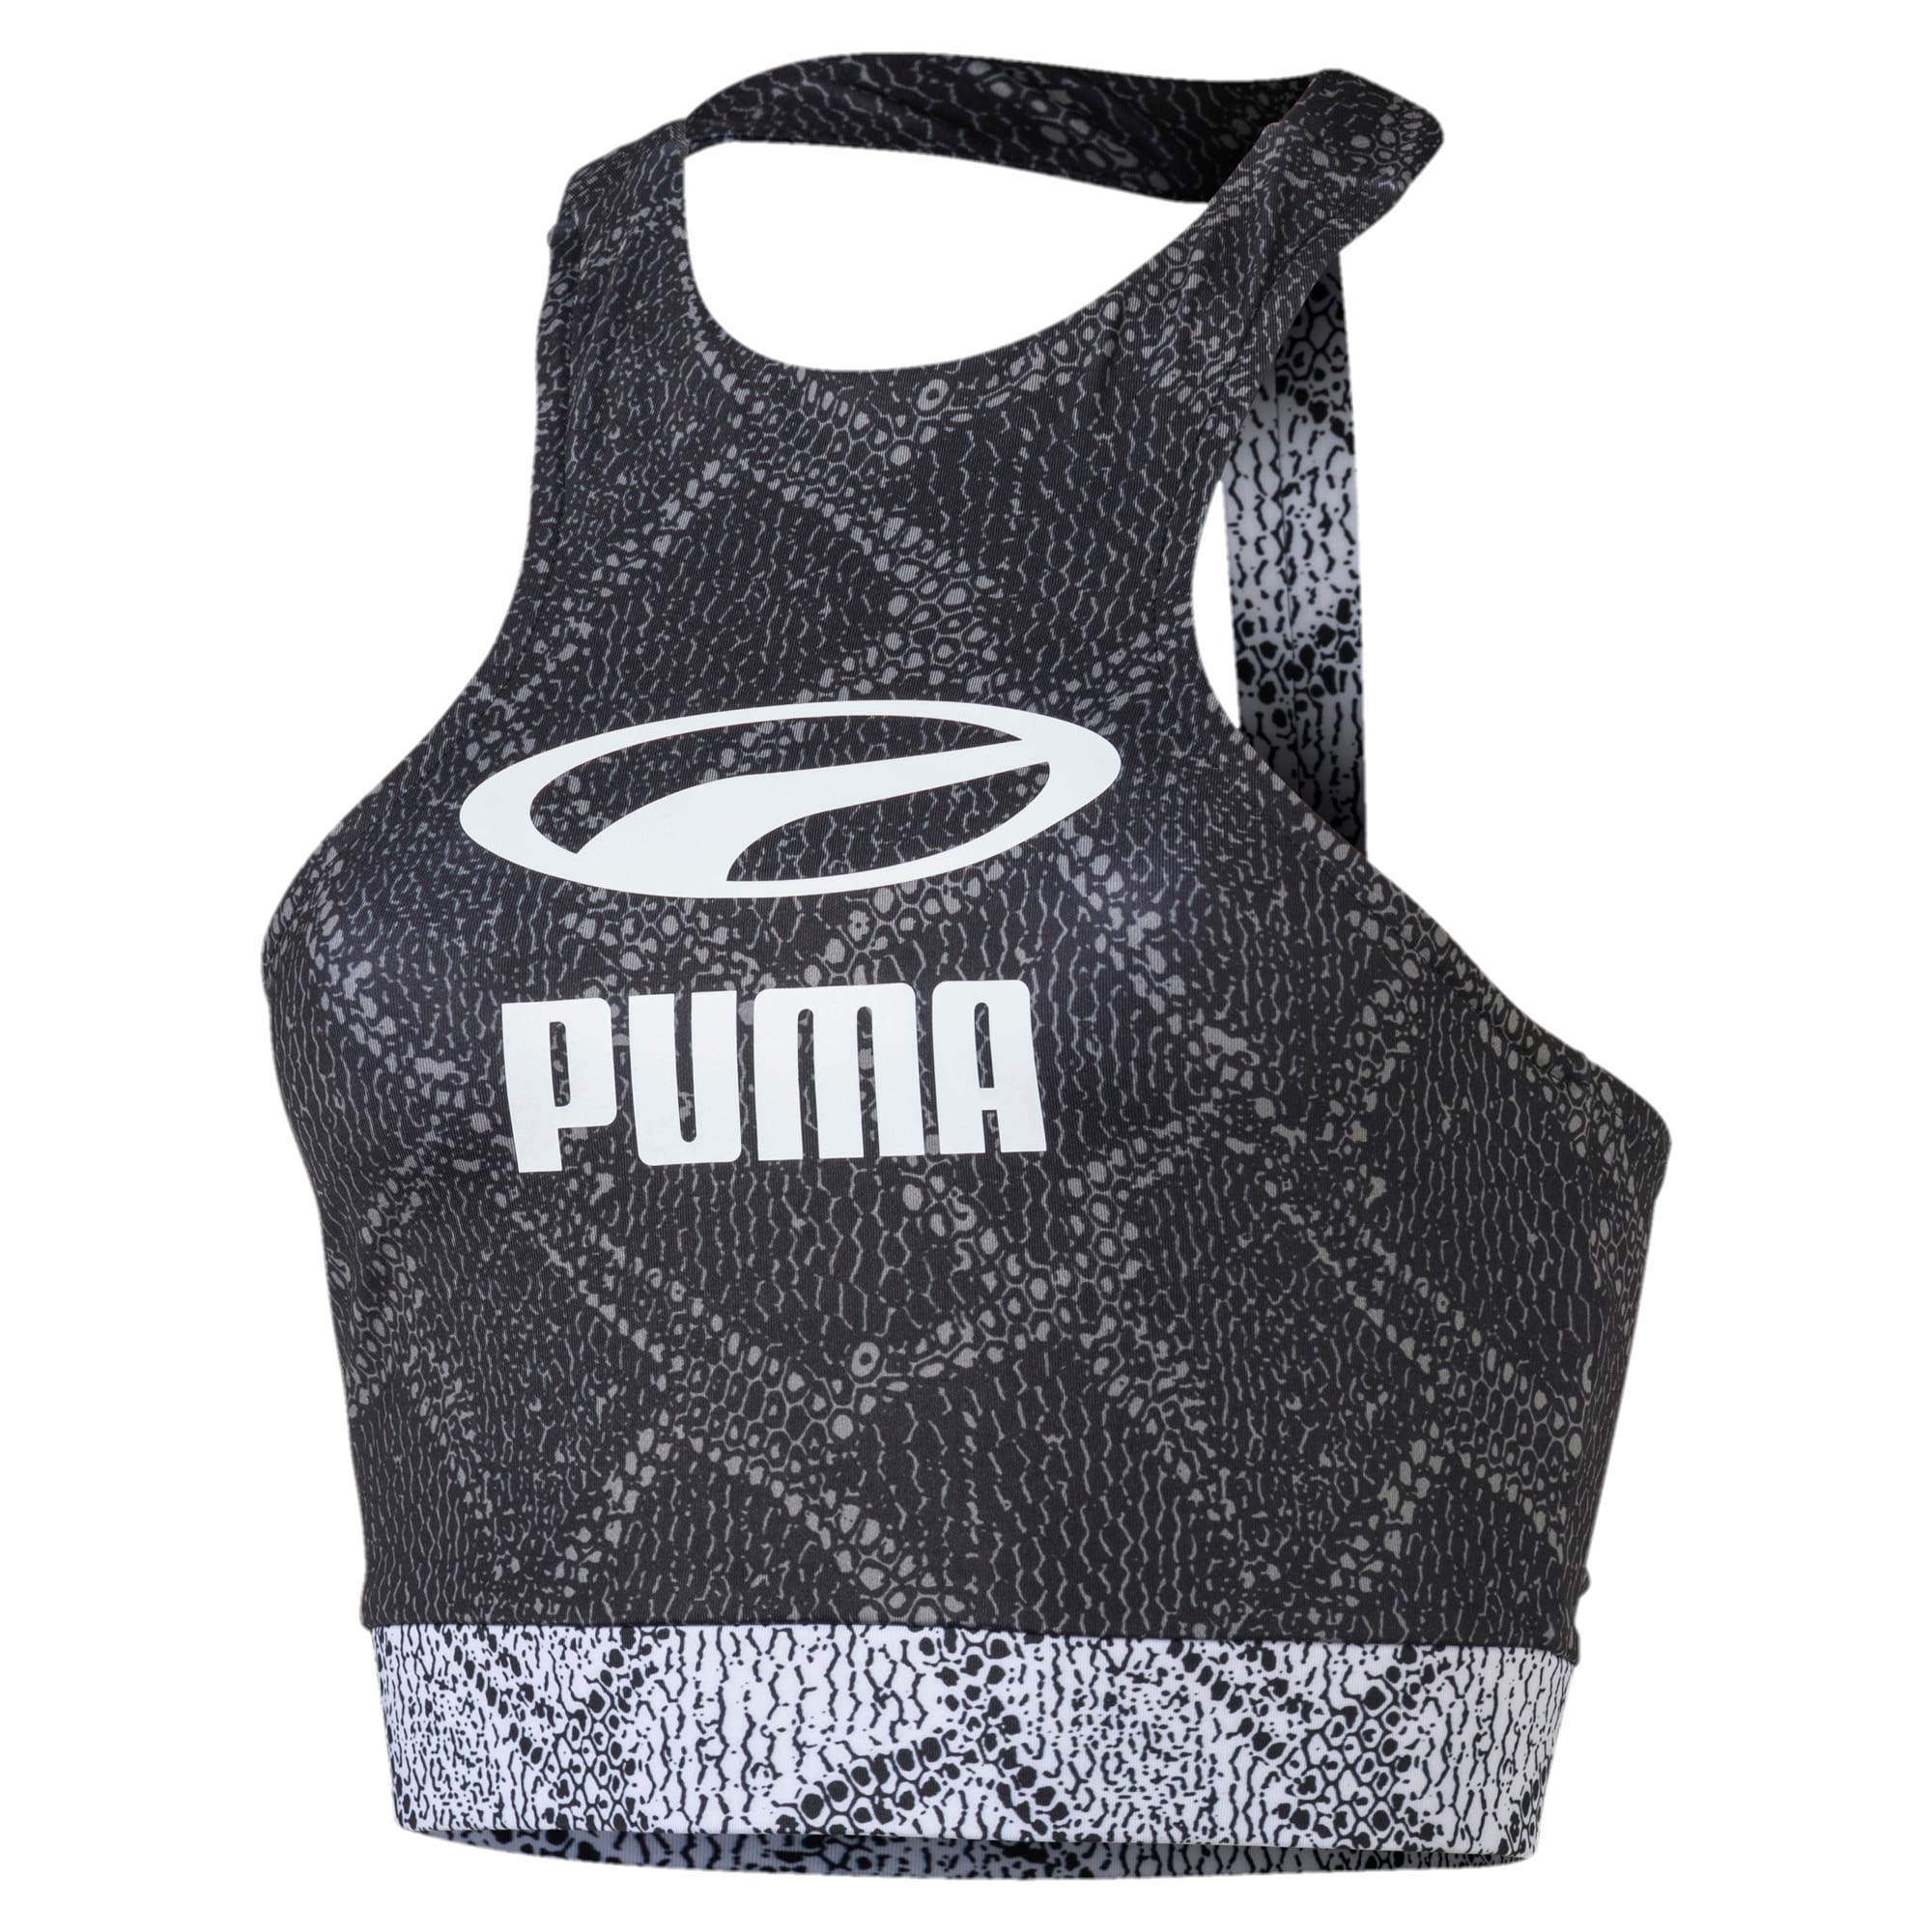 Thumbnail 1 of SNAKE PACK ウィメンズ クロップド トップ, Puma Black-AOP, medium-JPN